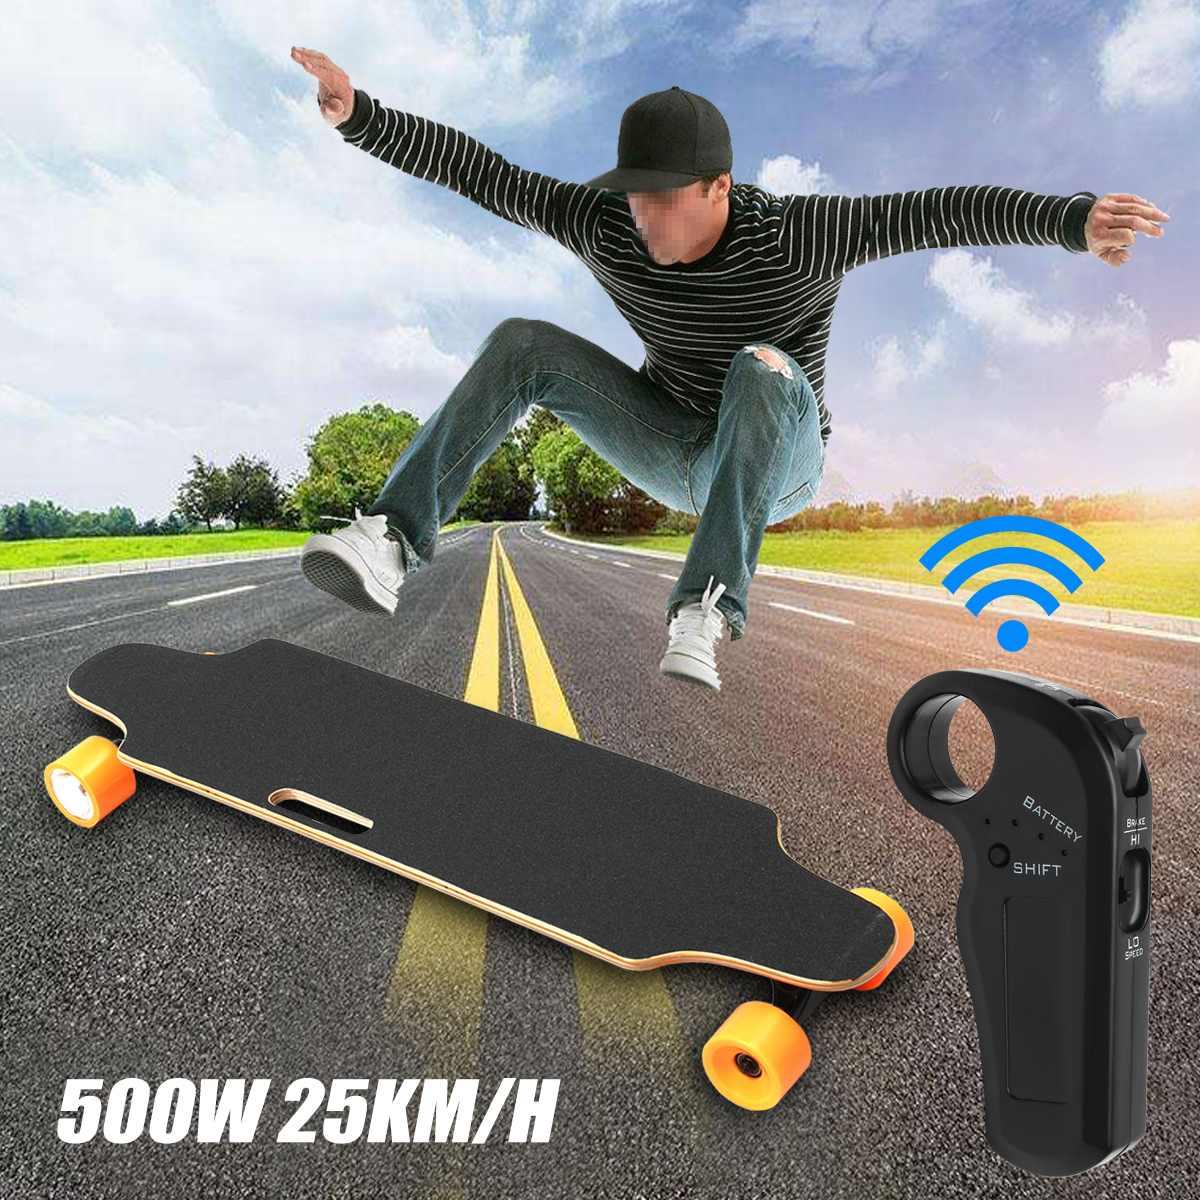 Trottinette électrique Double-moteur 25 km/h 500 W Quatre Roues Scooter Hoverboard Sans Fil télécommande Petit éclisse planche de skate